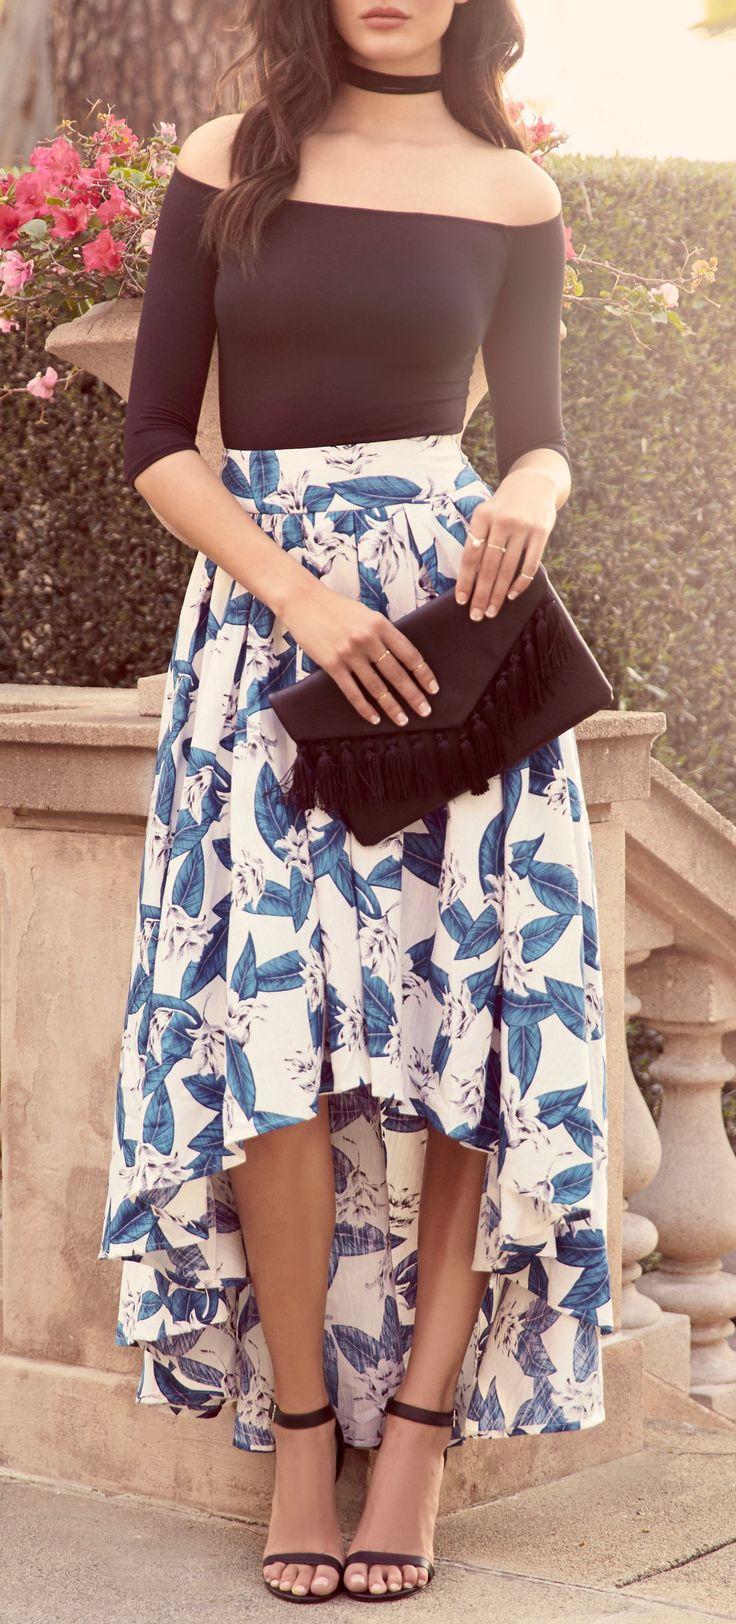 blue-med-maxi-skirt-print-black-top-offshoulder-choker-black-bag-clutch-black-shoe-sandalh-brun-spring-summer-dinner.jpg